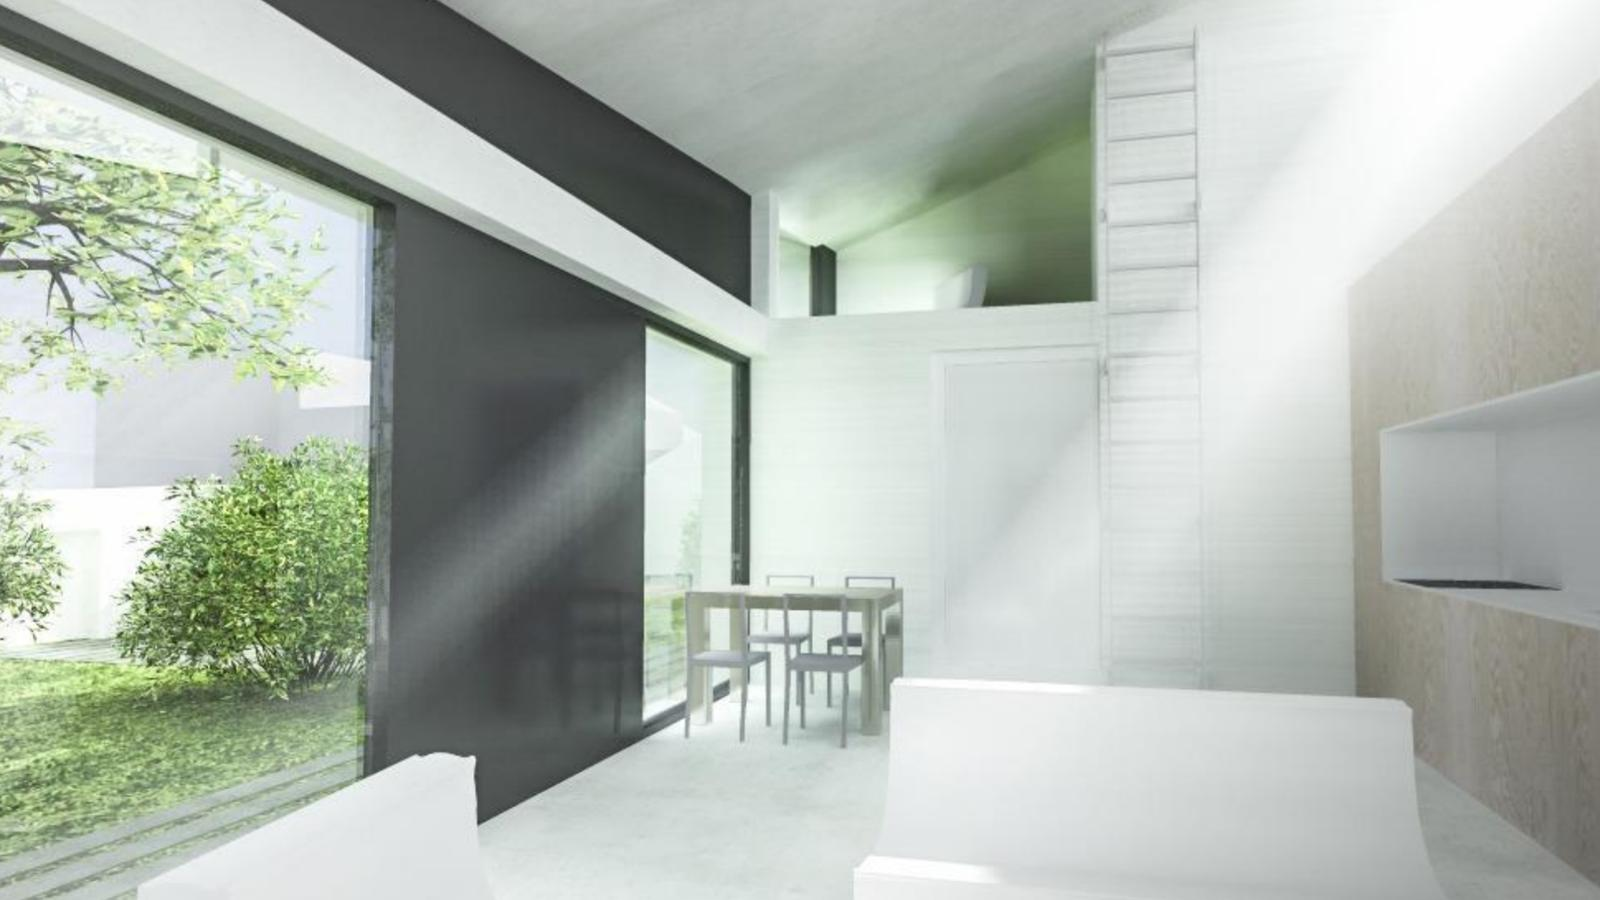 RD Satalice, individuální projekt - Pohled do obyvaku s galerii, bude slouzit jako pracovna 8.4m a 2 m budou za dveřmi jako úložné prostory. Kuchyň se  bud ještě predelavat, pridame kuchyňský ostruvek s varnou casti